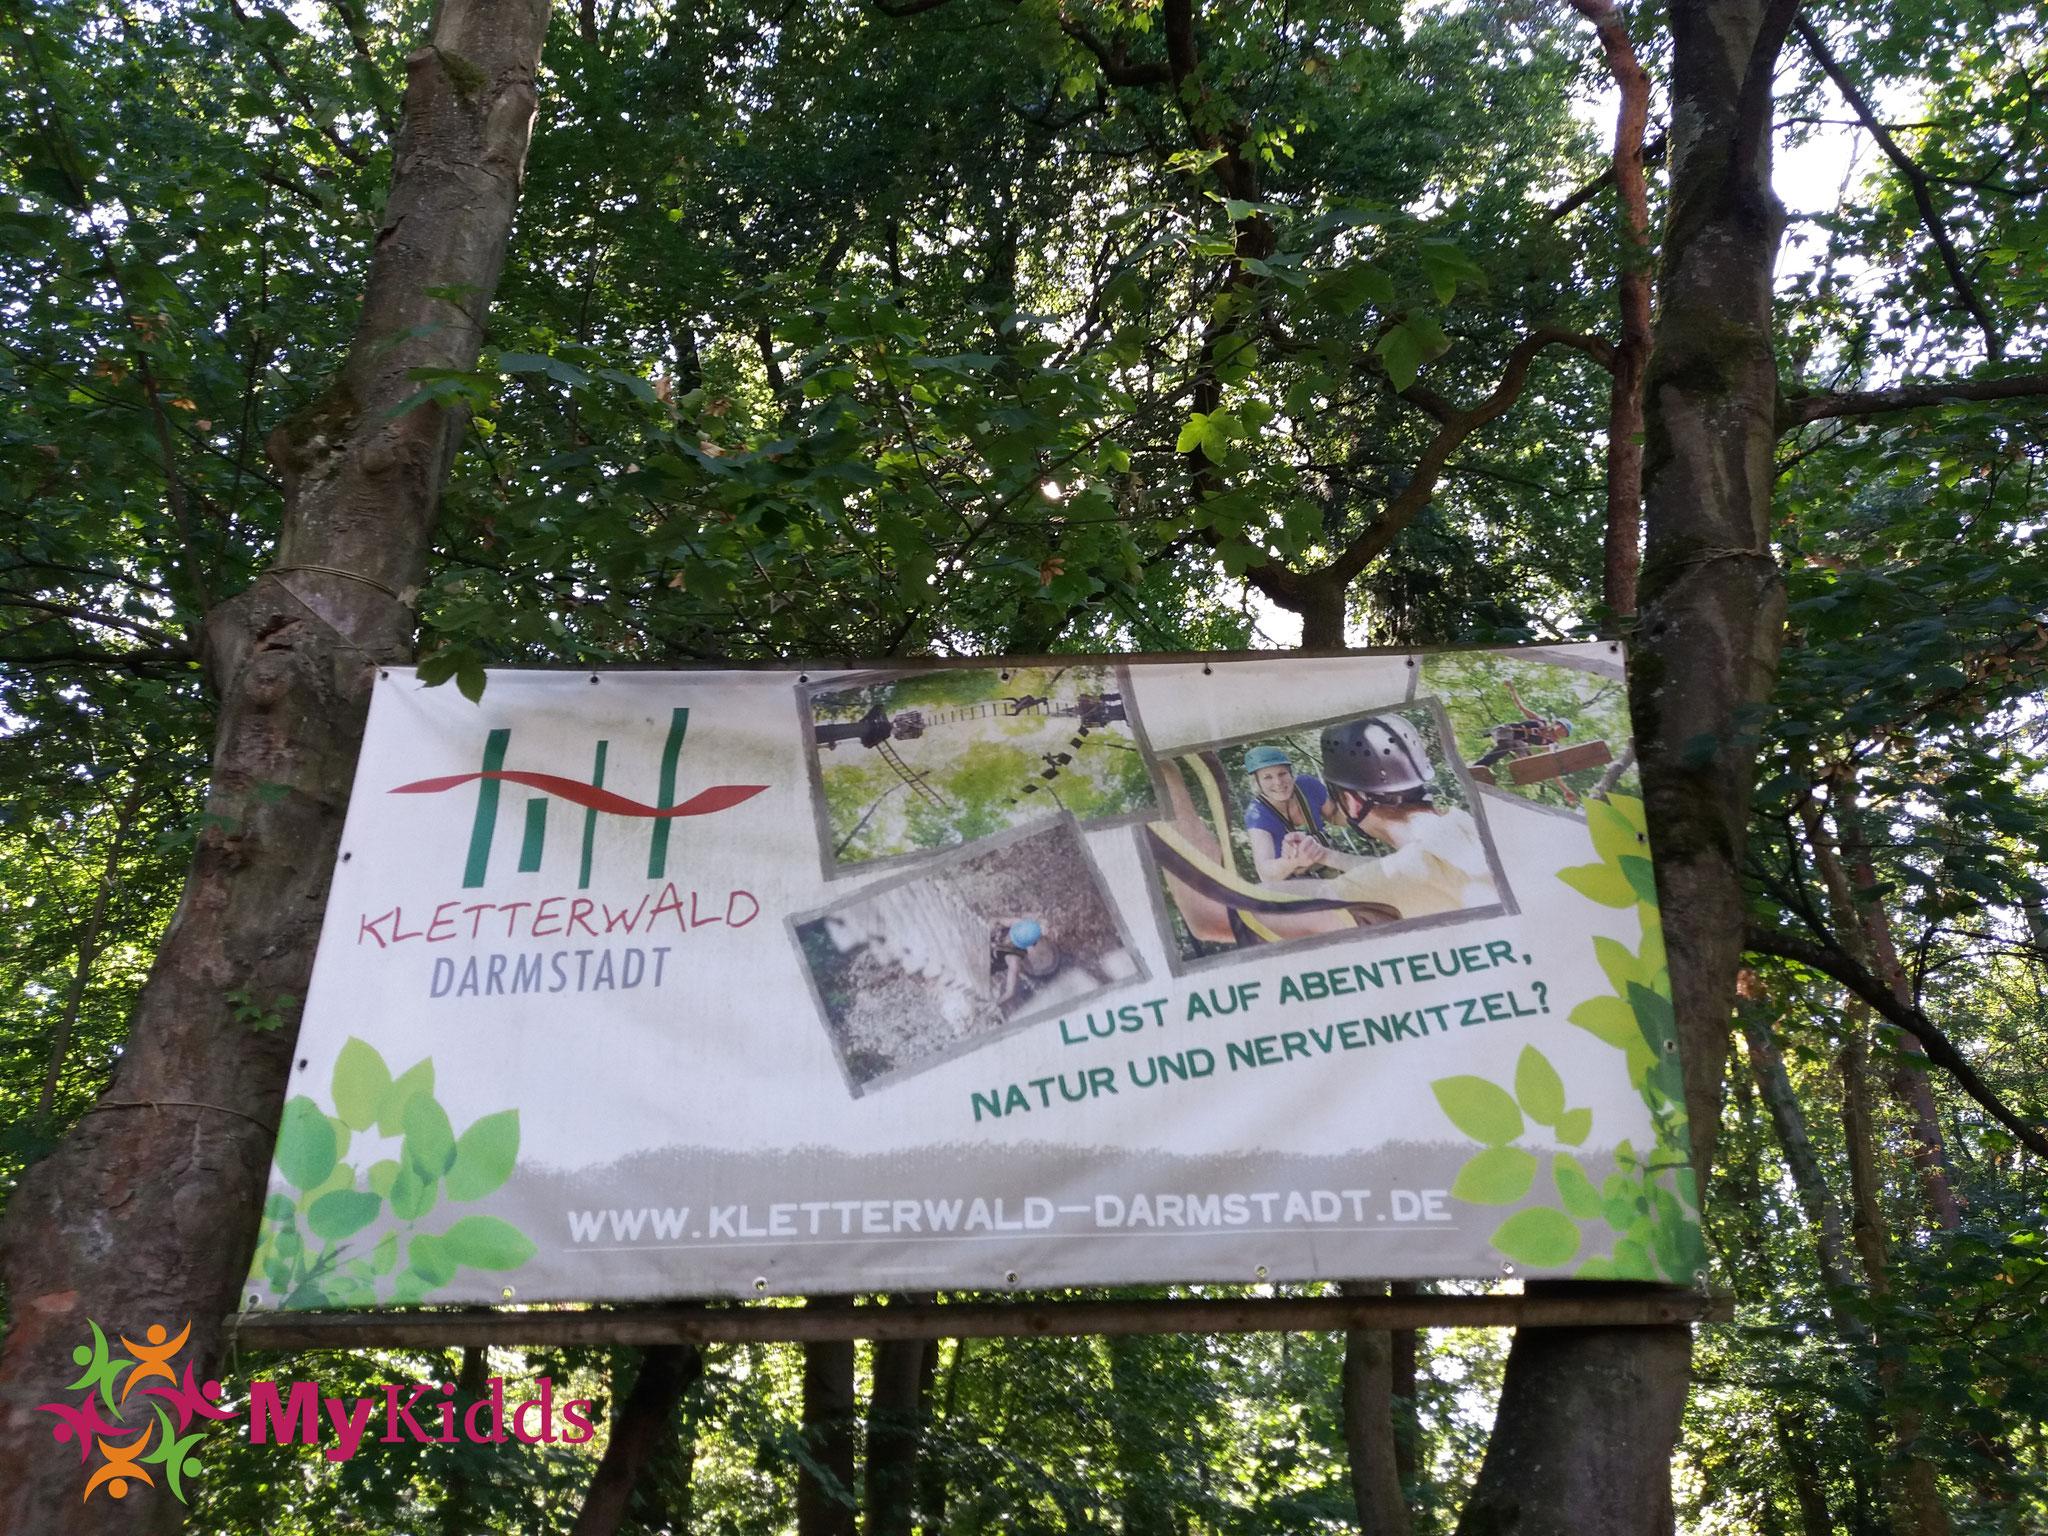 Kletterausrüstung Darmstadt : Kletterwald darmstadt mykidds